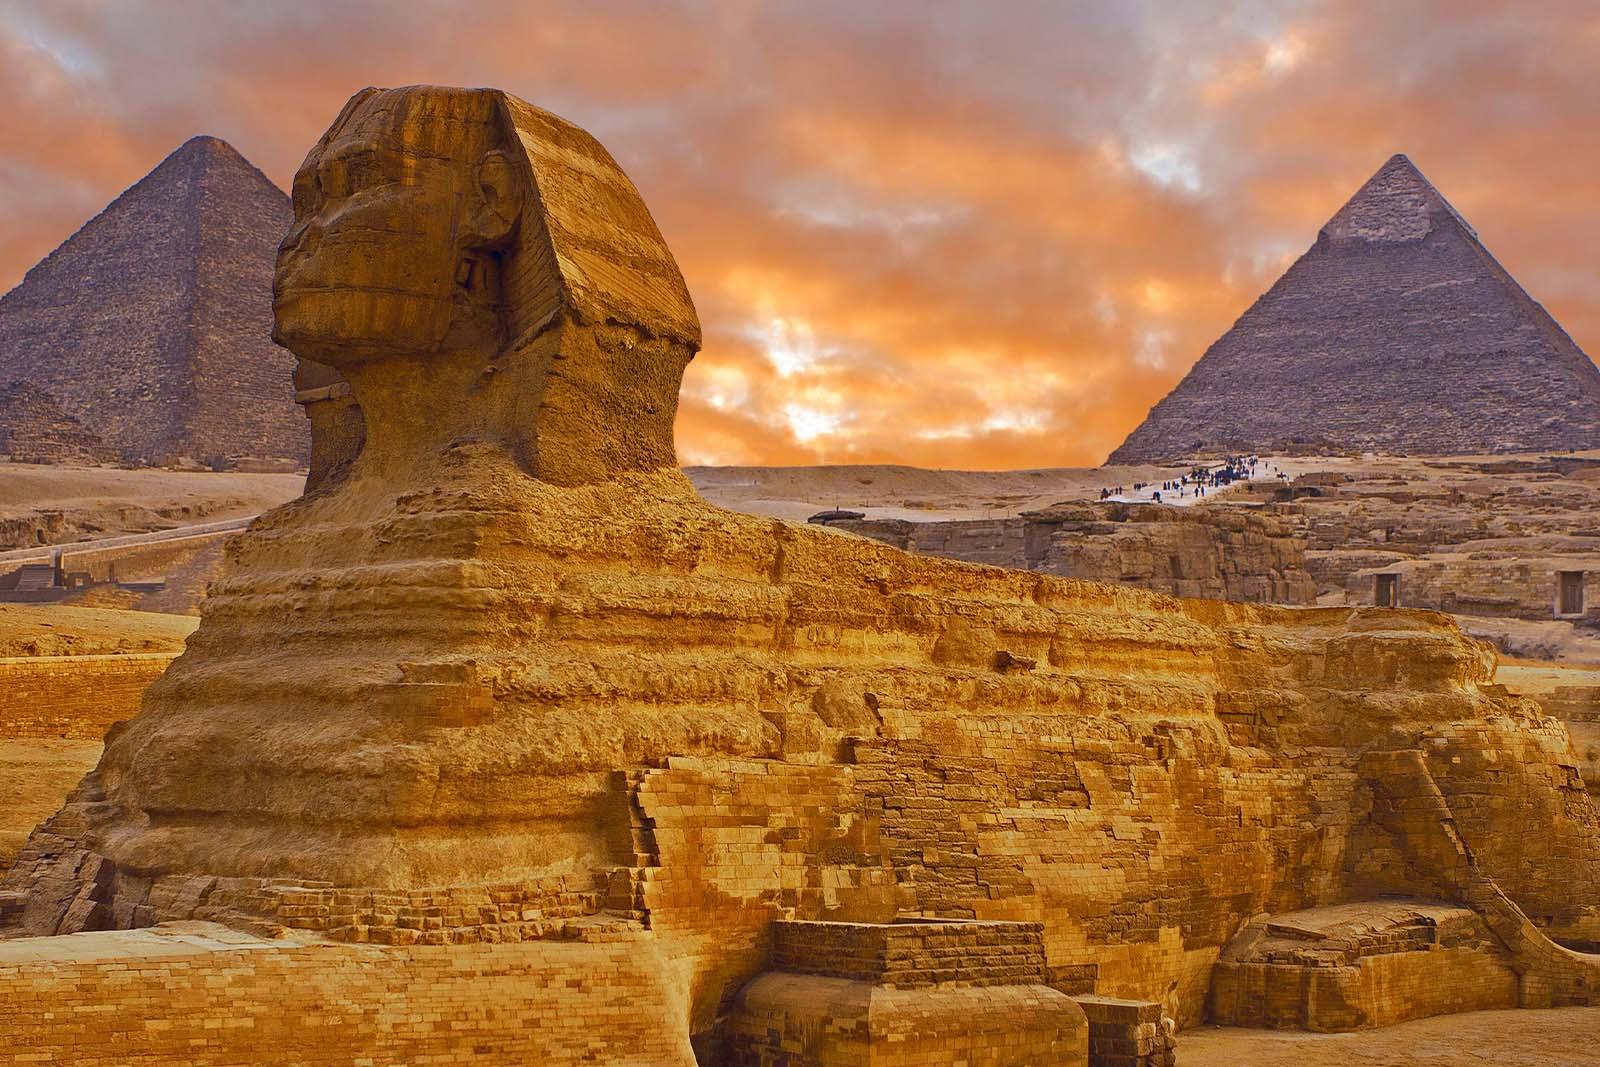 Egipto 8 días con salidas hasta el 21 de junio de 2021 - crucero por el Nilo